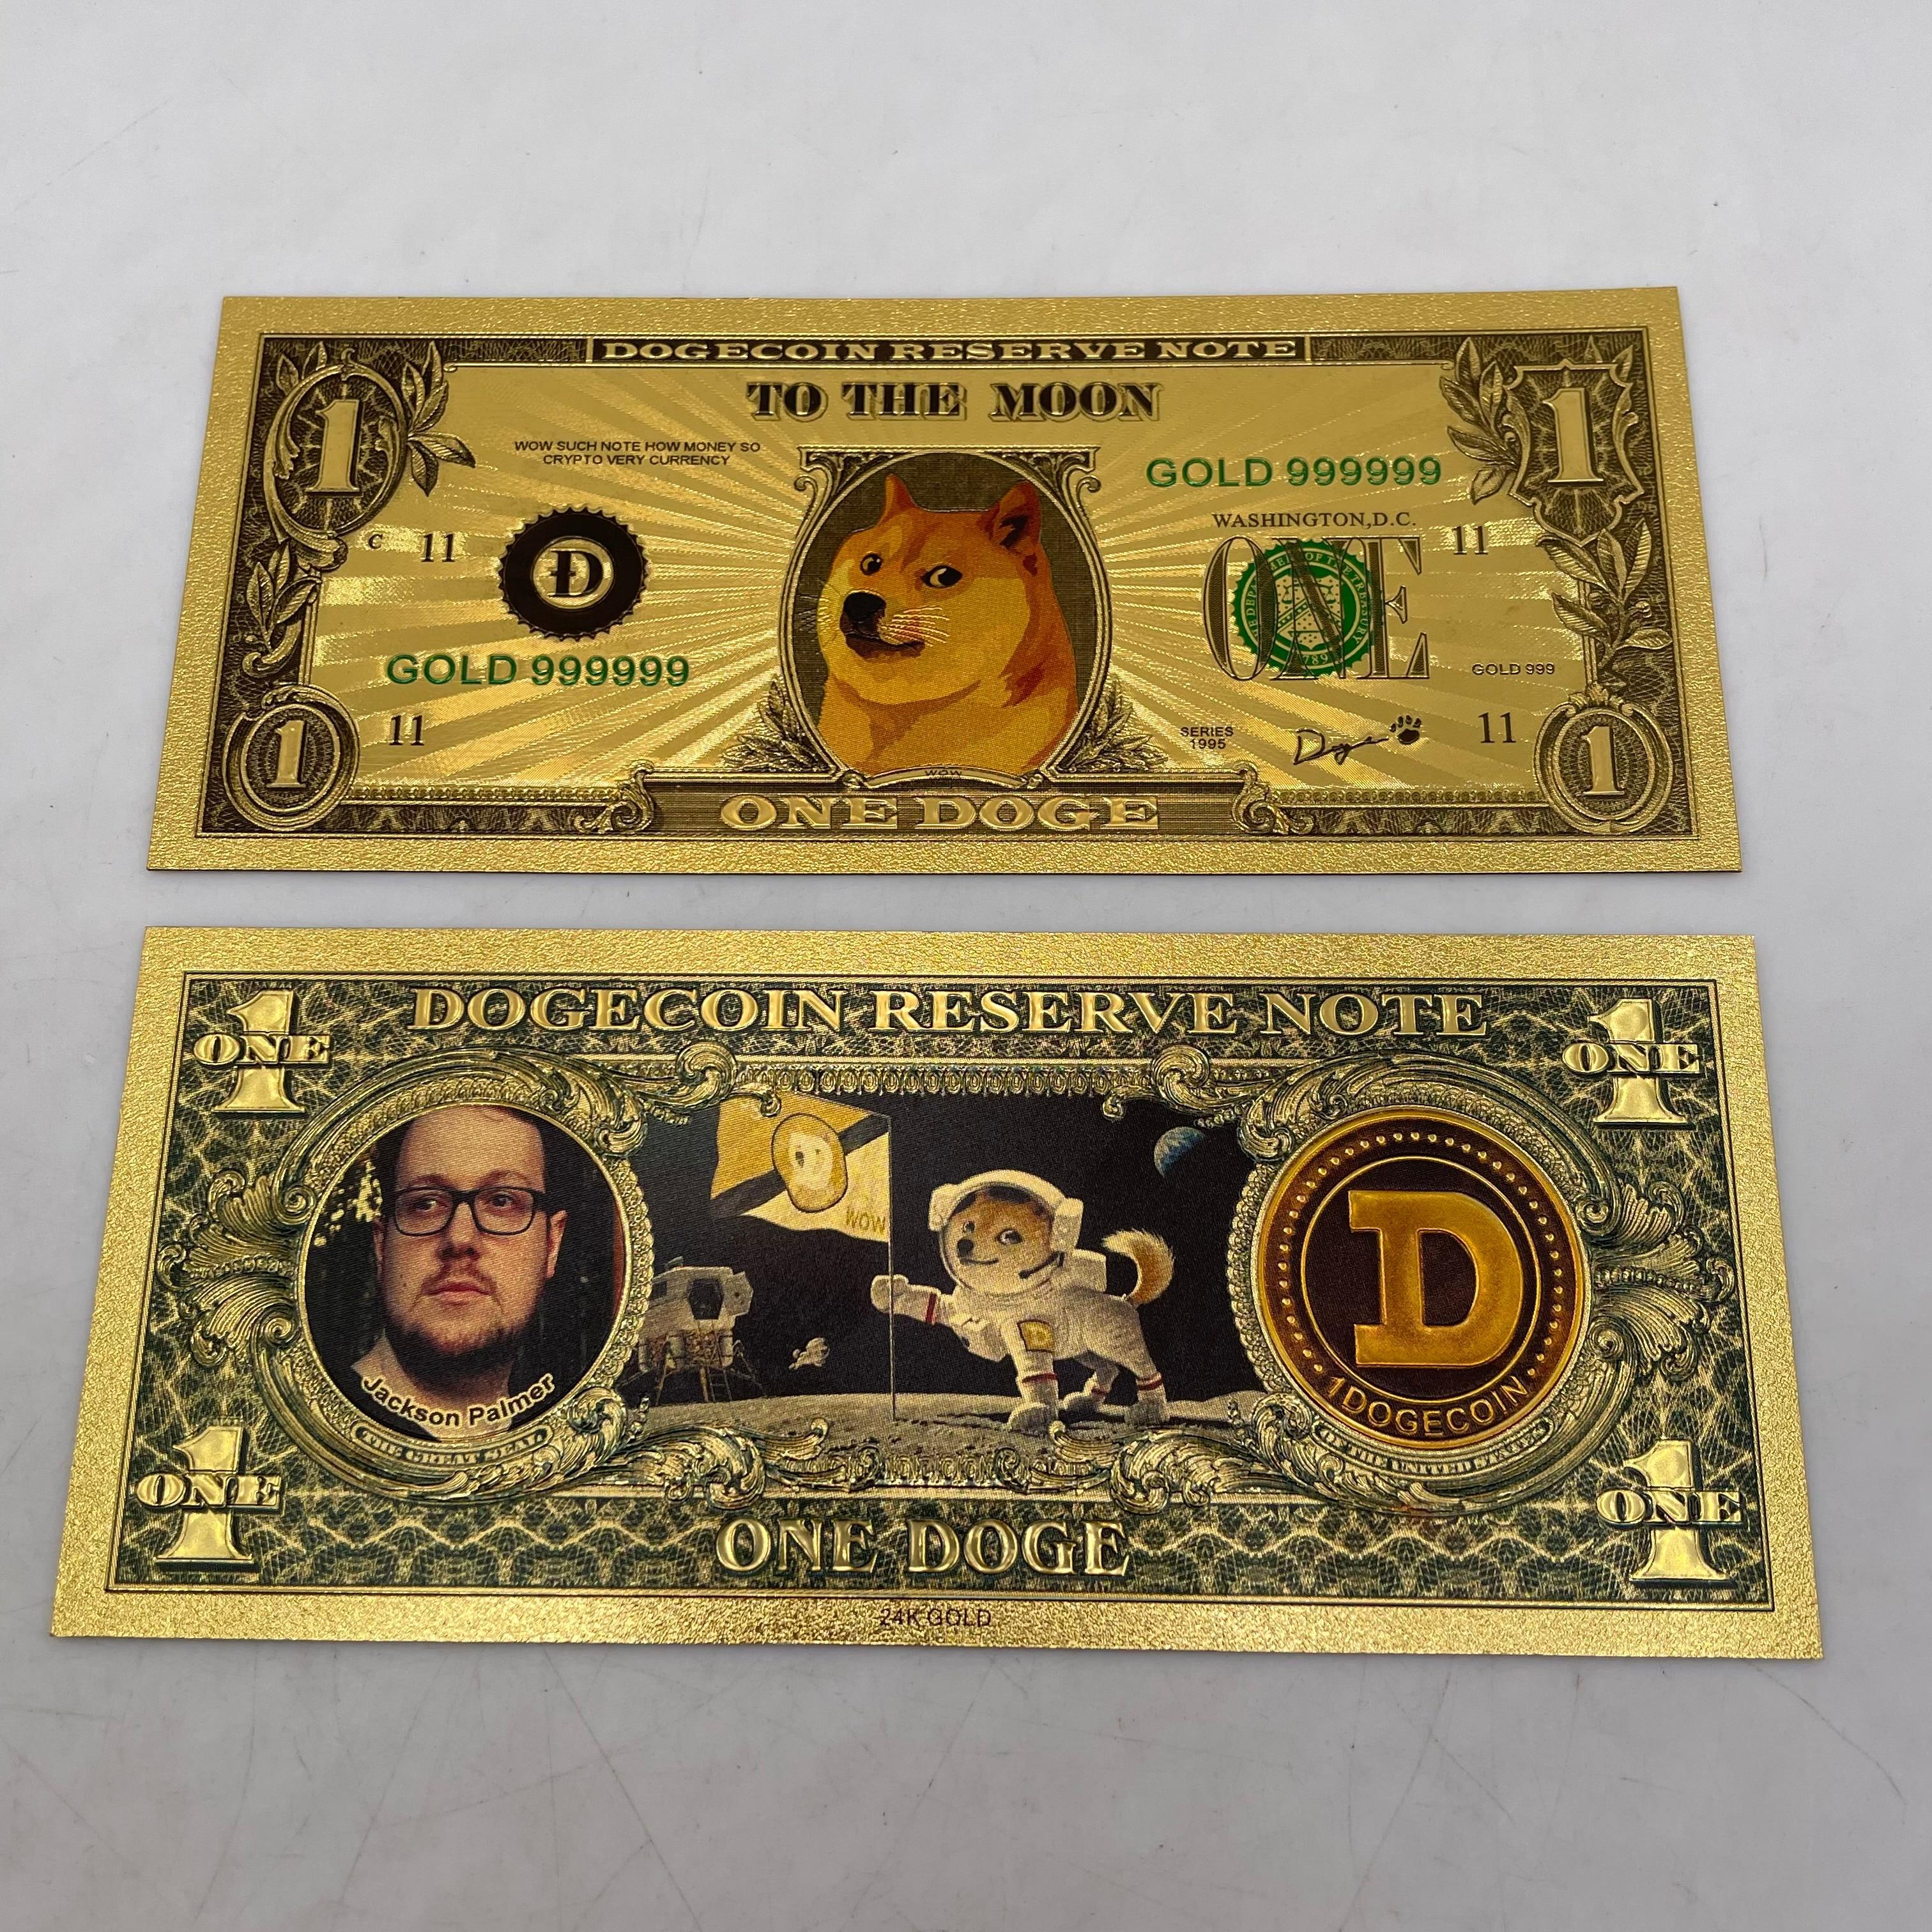 Красивые WOW позолоченные дожкойн золото банкнот милые Dogcoin узор сувенир в виде собаки коллекция подарков